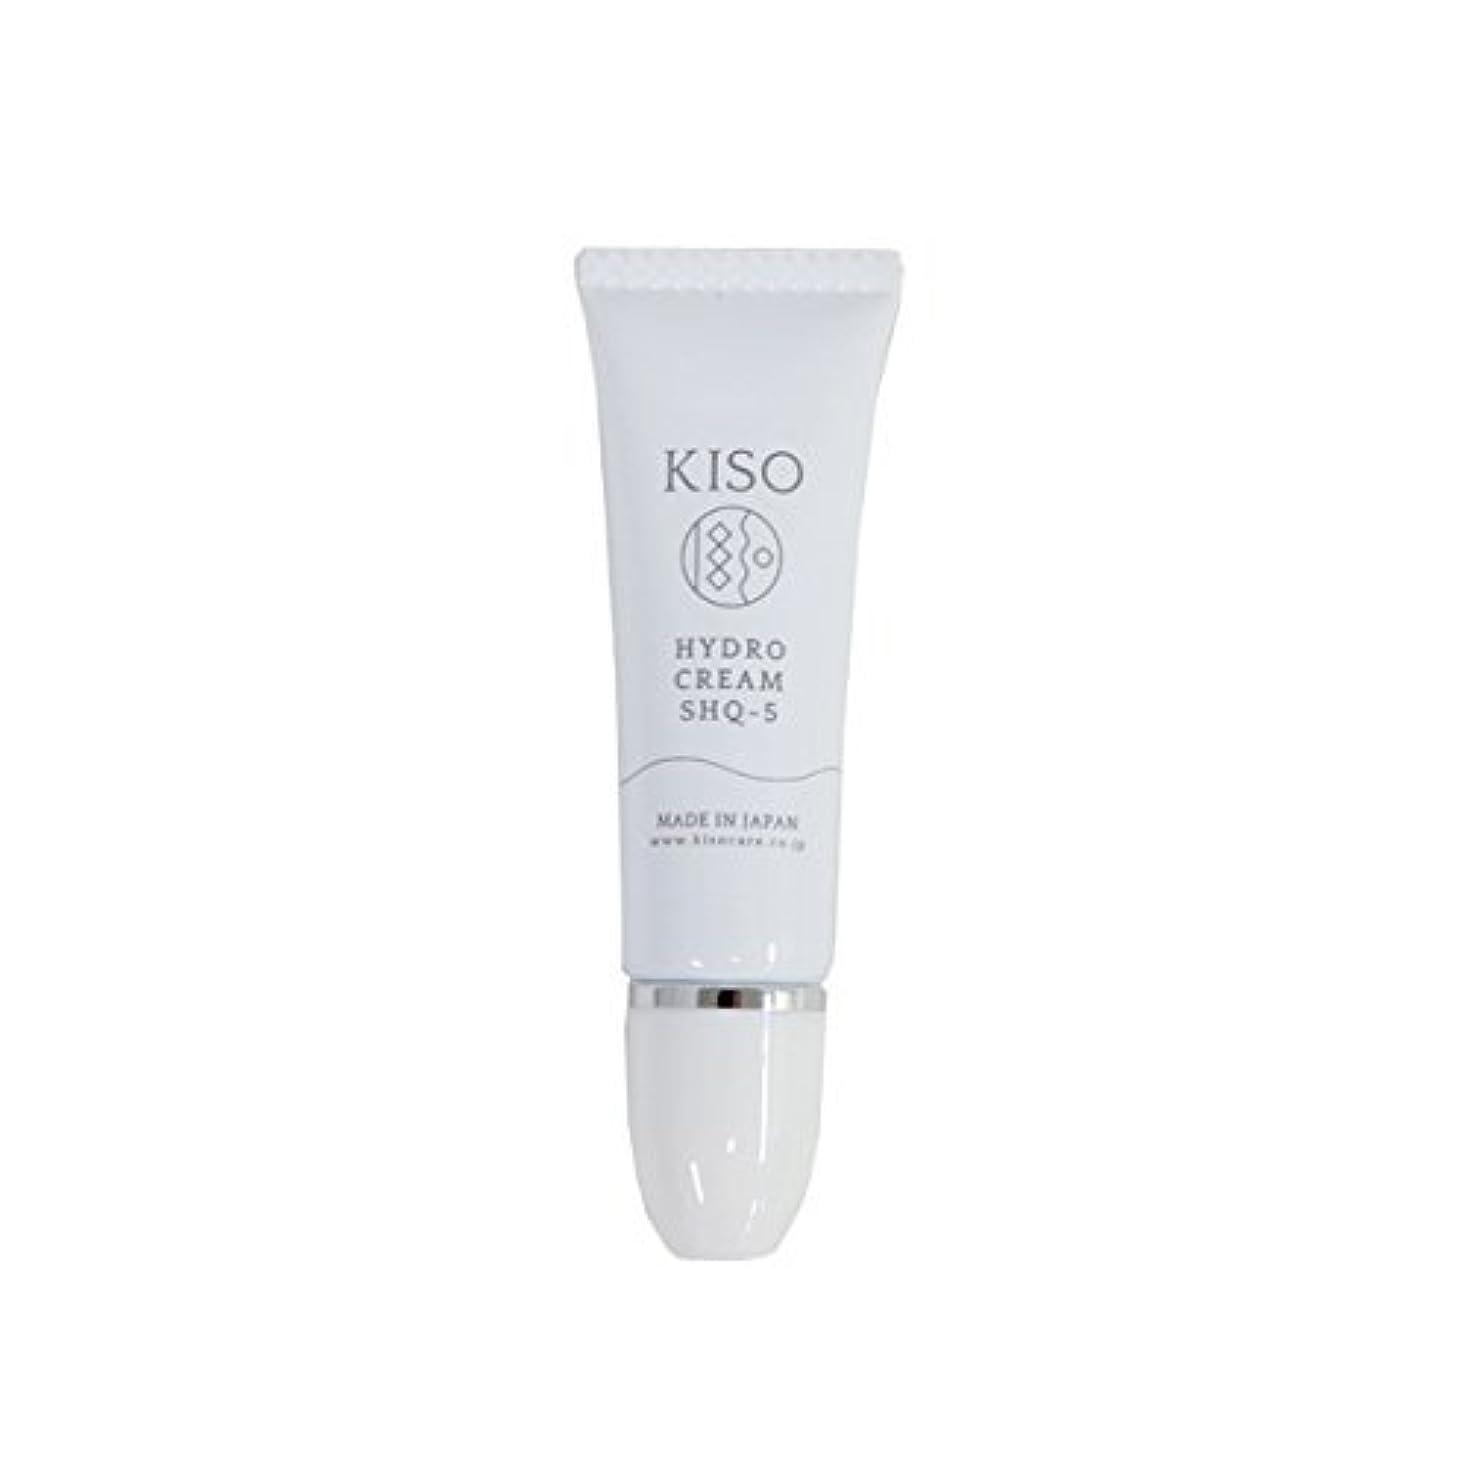 宣伝添加KISO 安定型 ハイドロキノン 5%配合【ハイドロ クリーム SHQ-5 10g】スキンケアで肌を整えた後にちょこっとケア 日本製